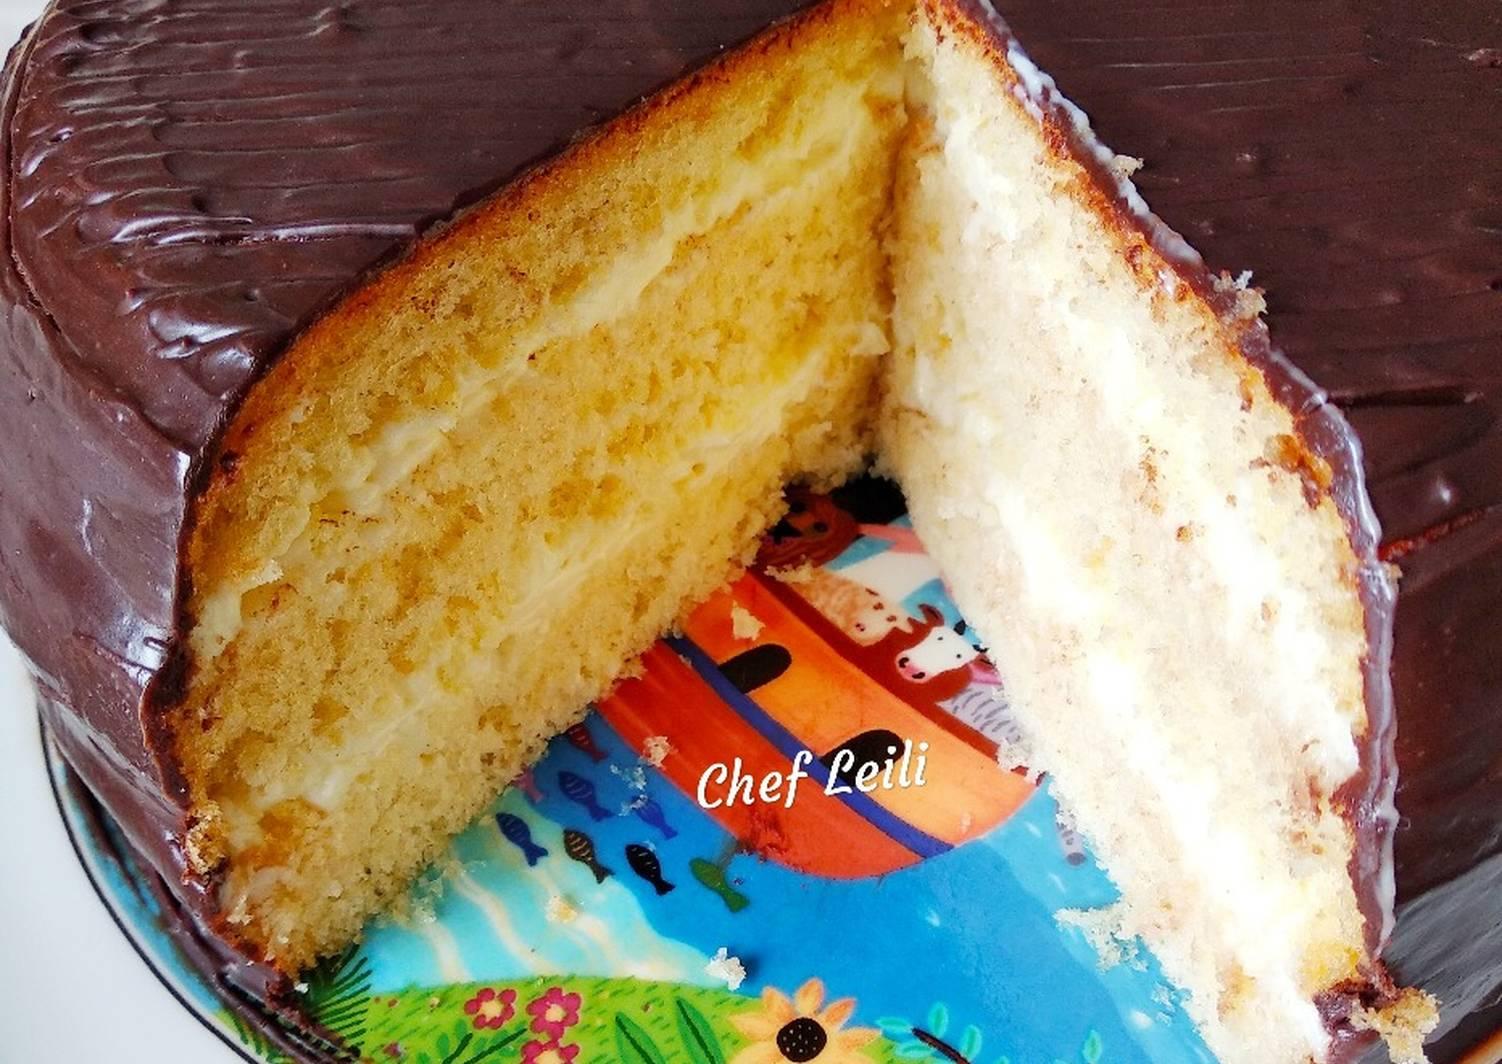 многофункциональный предмет торт чародейка пошаговый рецепт с фото еженедельно